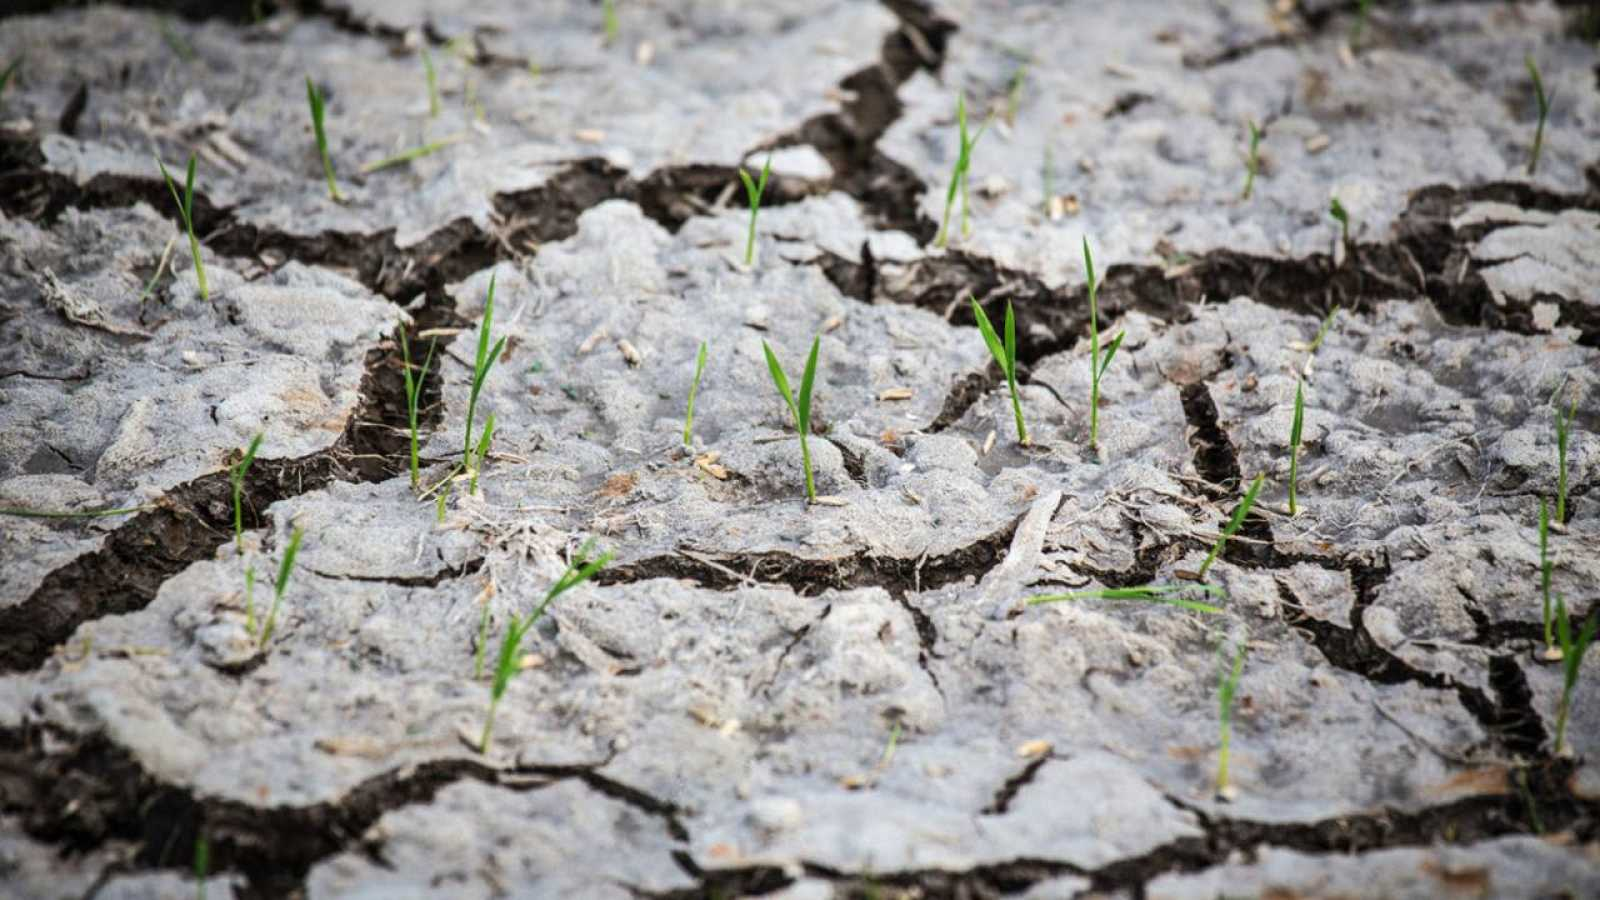 Brotes verdes salen de la tierra resquebrajada por la sequía.